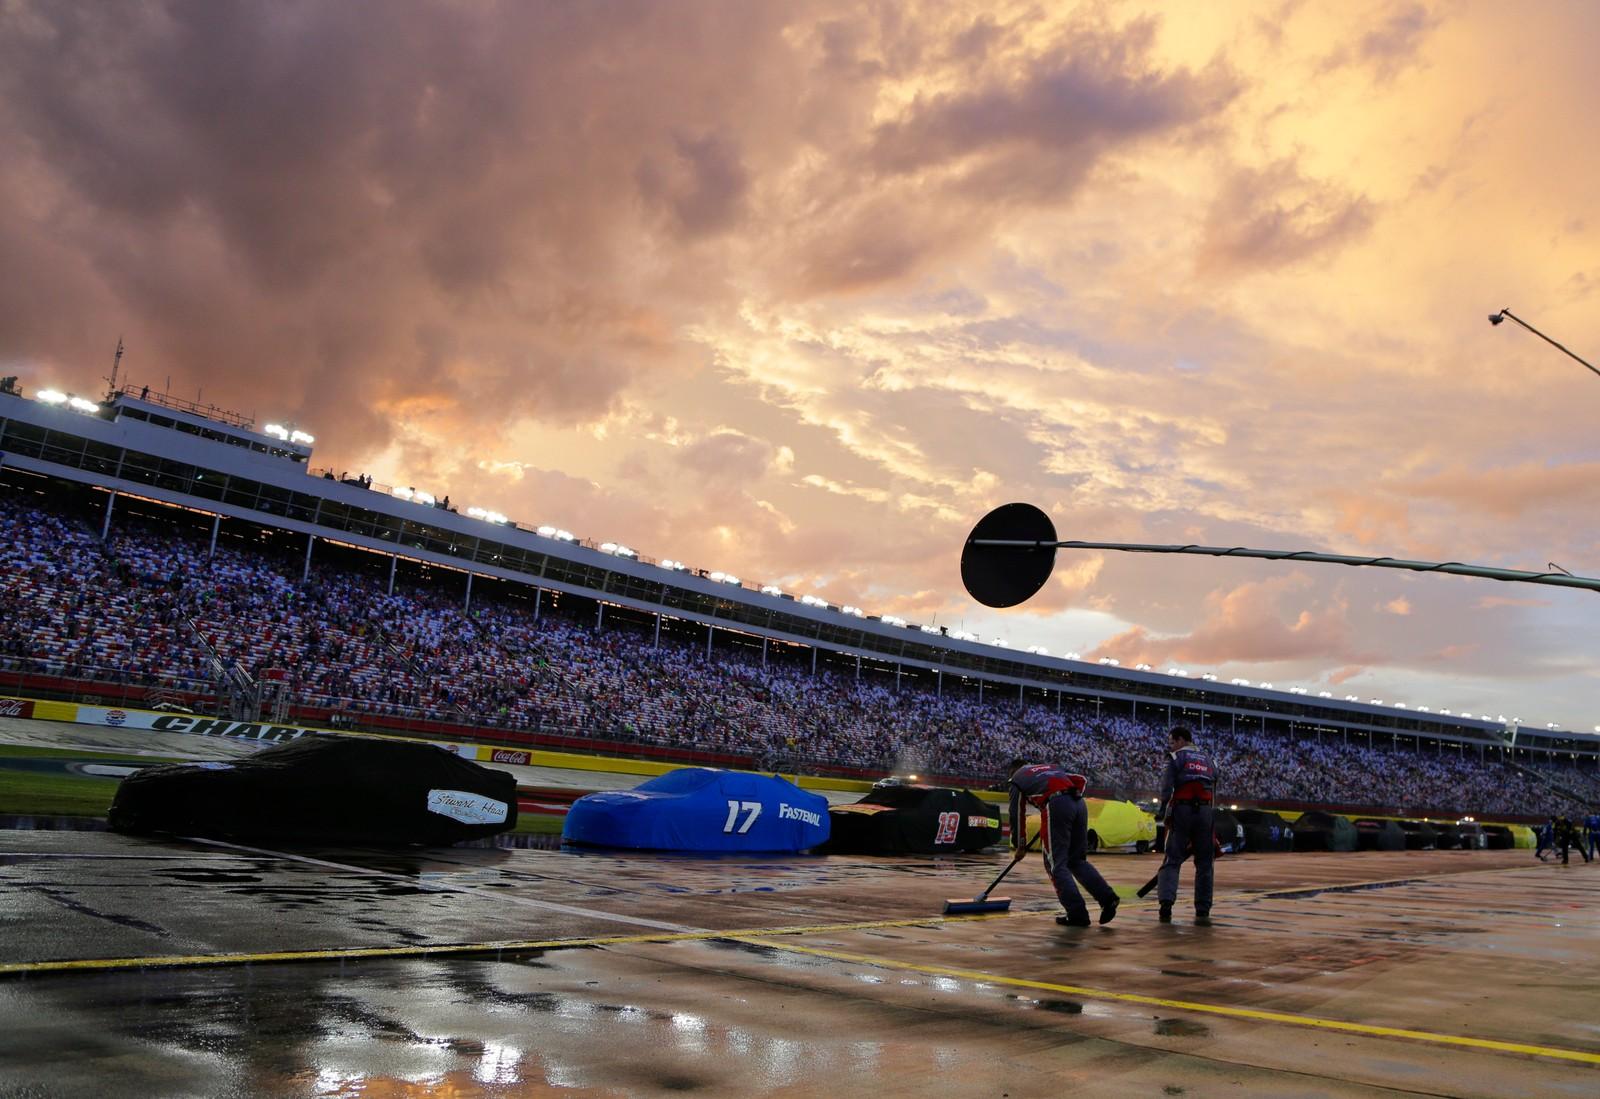 Billøp og vann kan være en dårlig kombinasjon. Dette Nascar-løpet ble avbrutt av en storm som herja gjennom North Carolina, der banen Charlotte Motor Speedway ligger.